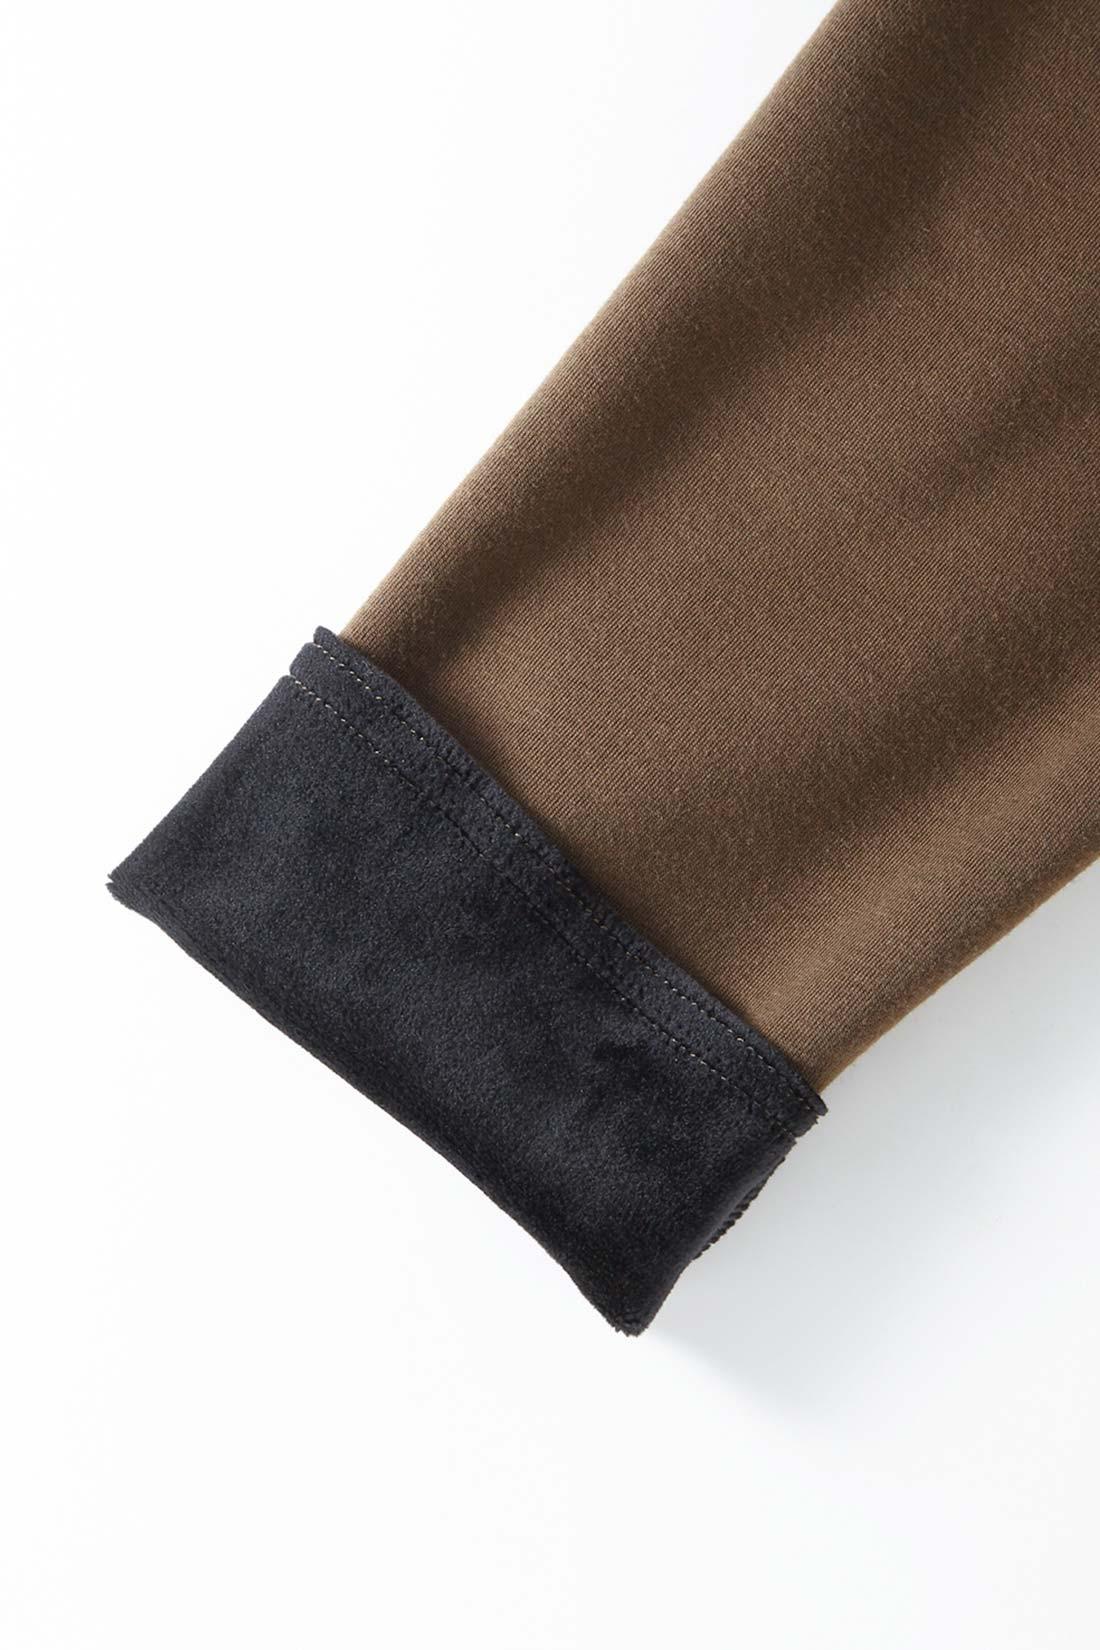 表と裏のある洗練のバイカラー メリハリあるおしゃれな配色で、袖口を折り返してもニュアンスある着こなしが楽しめます。